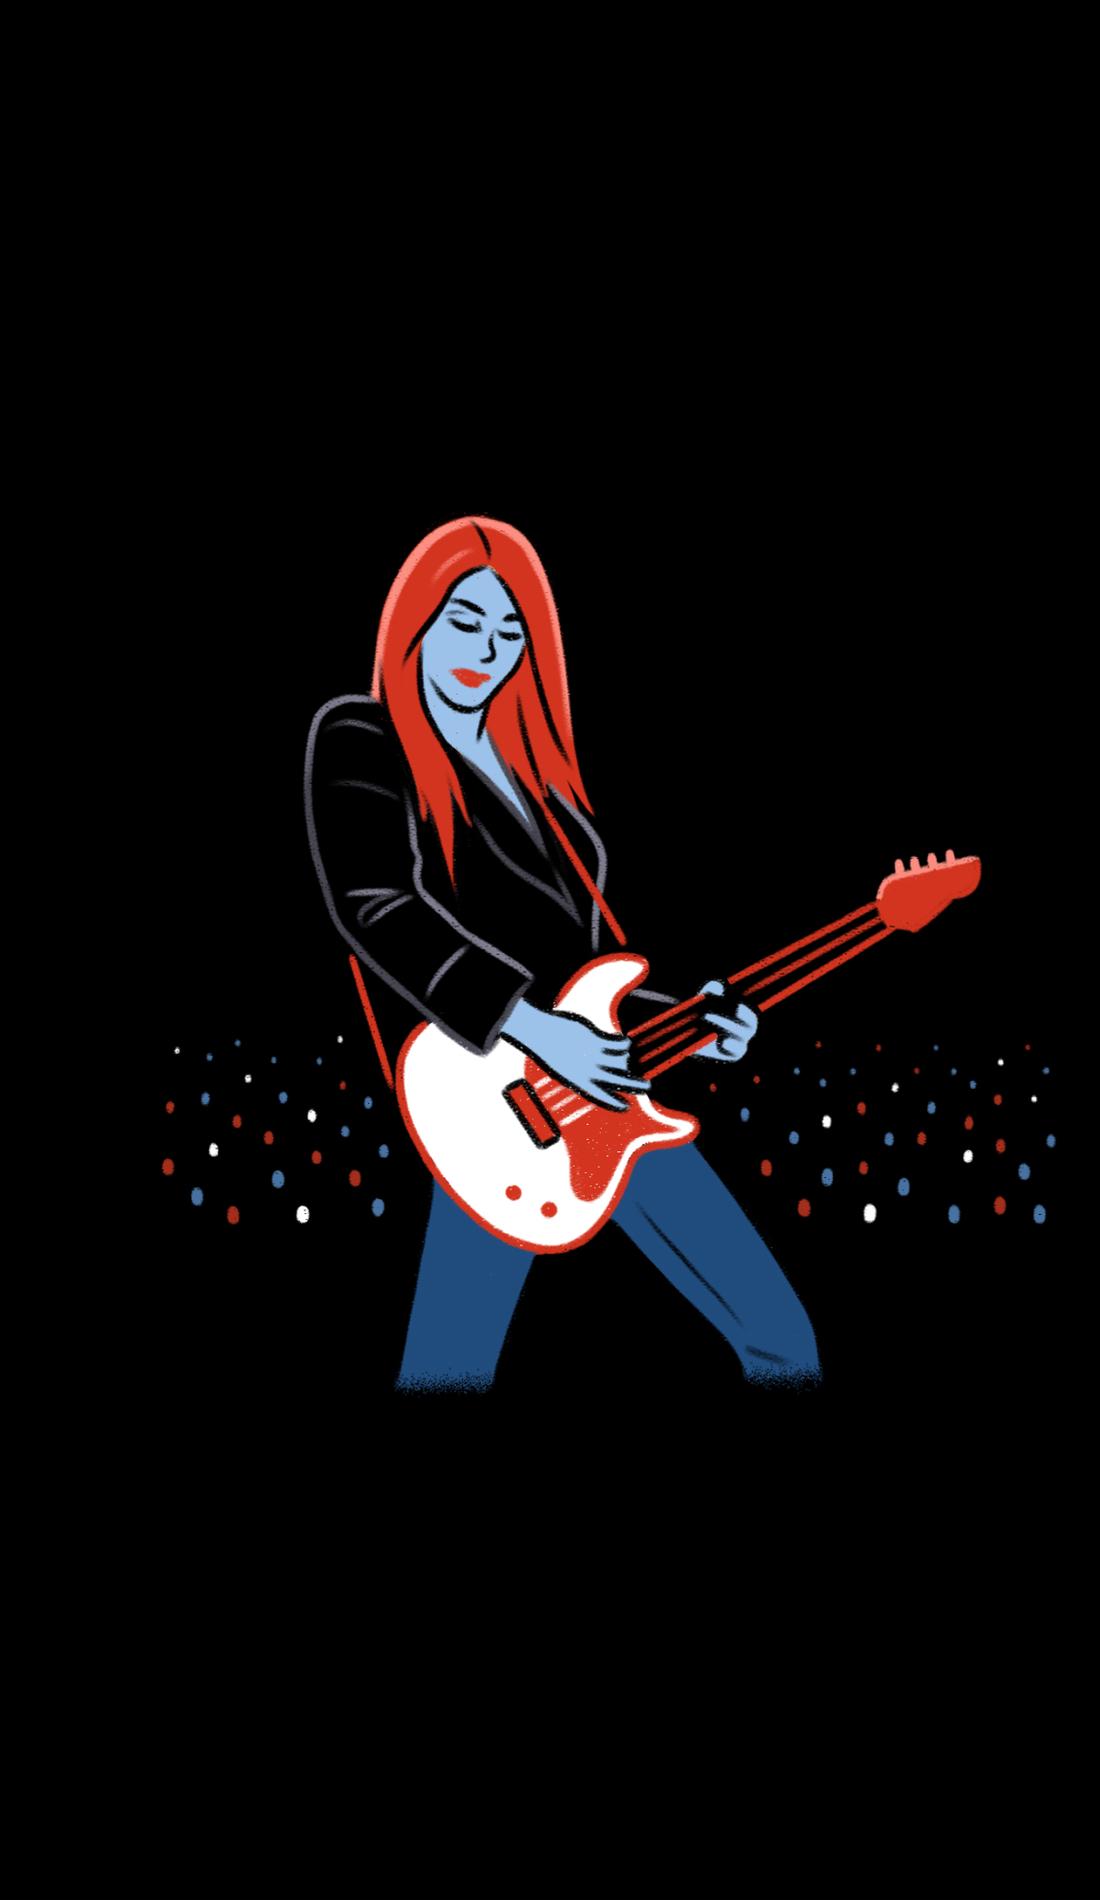 A DJ Franzen live event